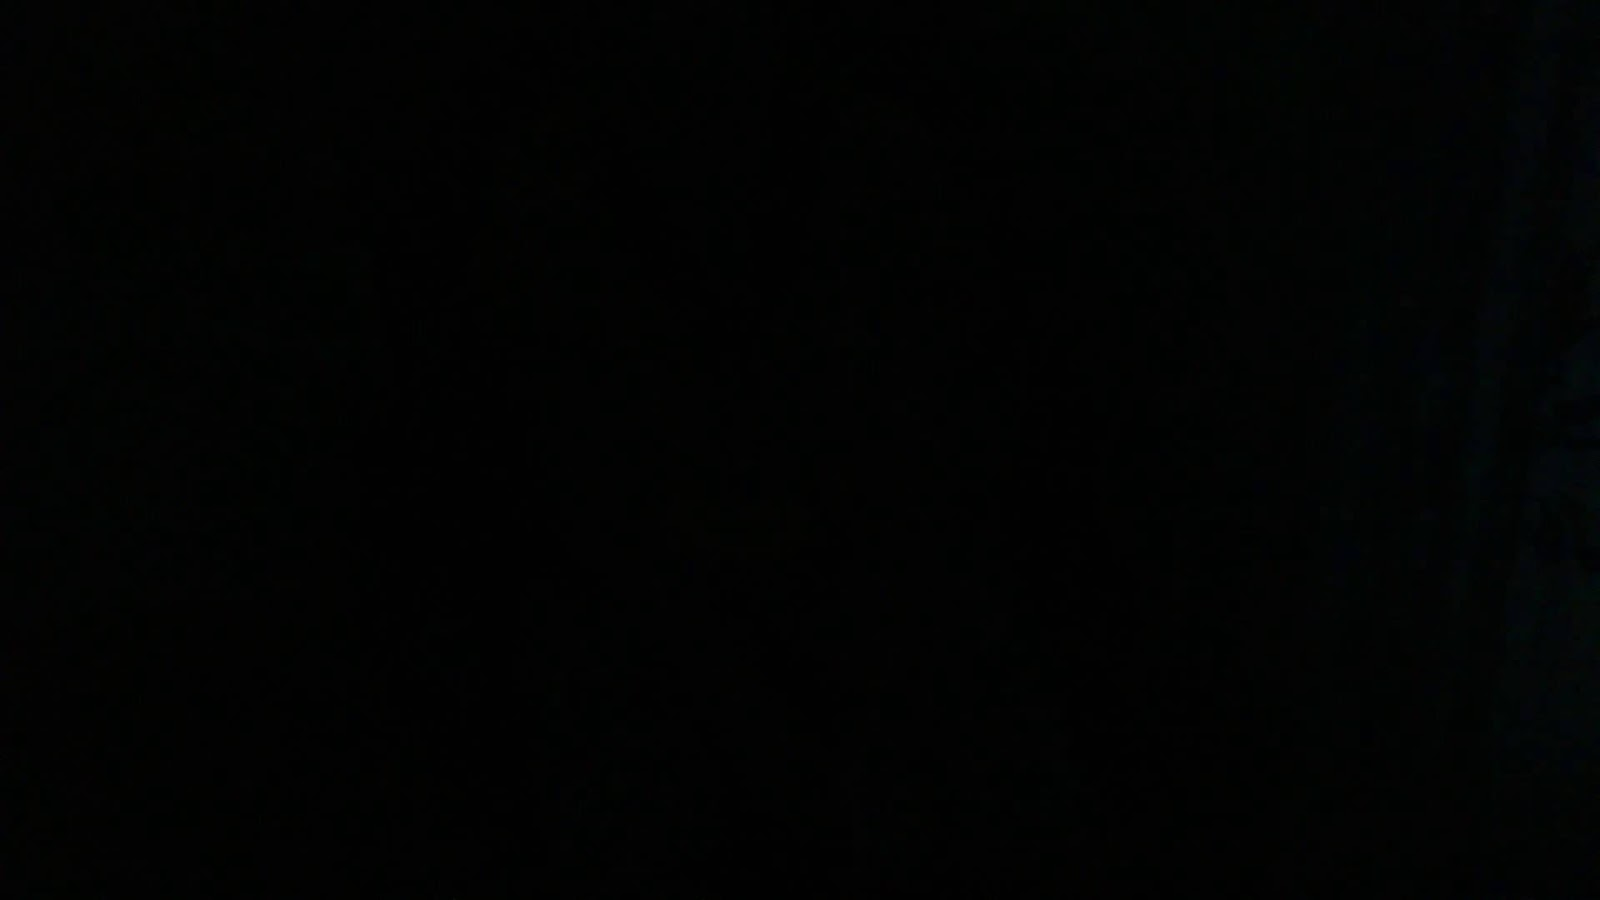 صور خلفية سوداء سادة , اناقة و فخامة الخلفيات السوداء